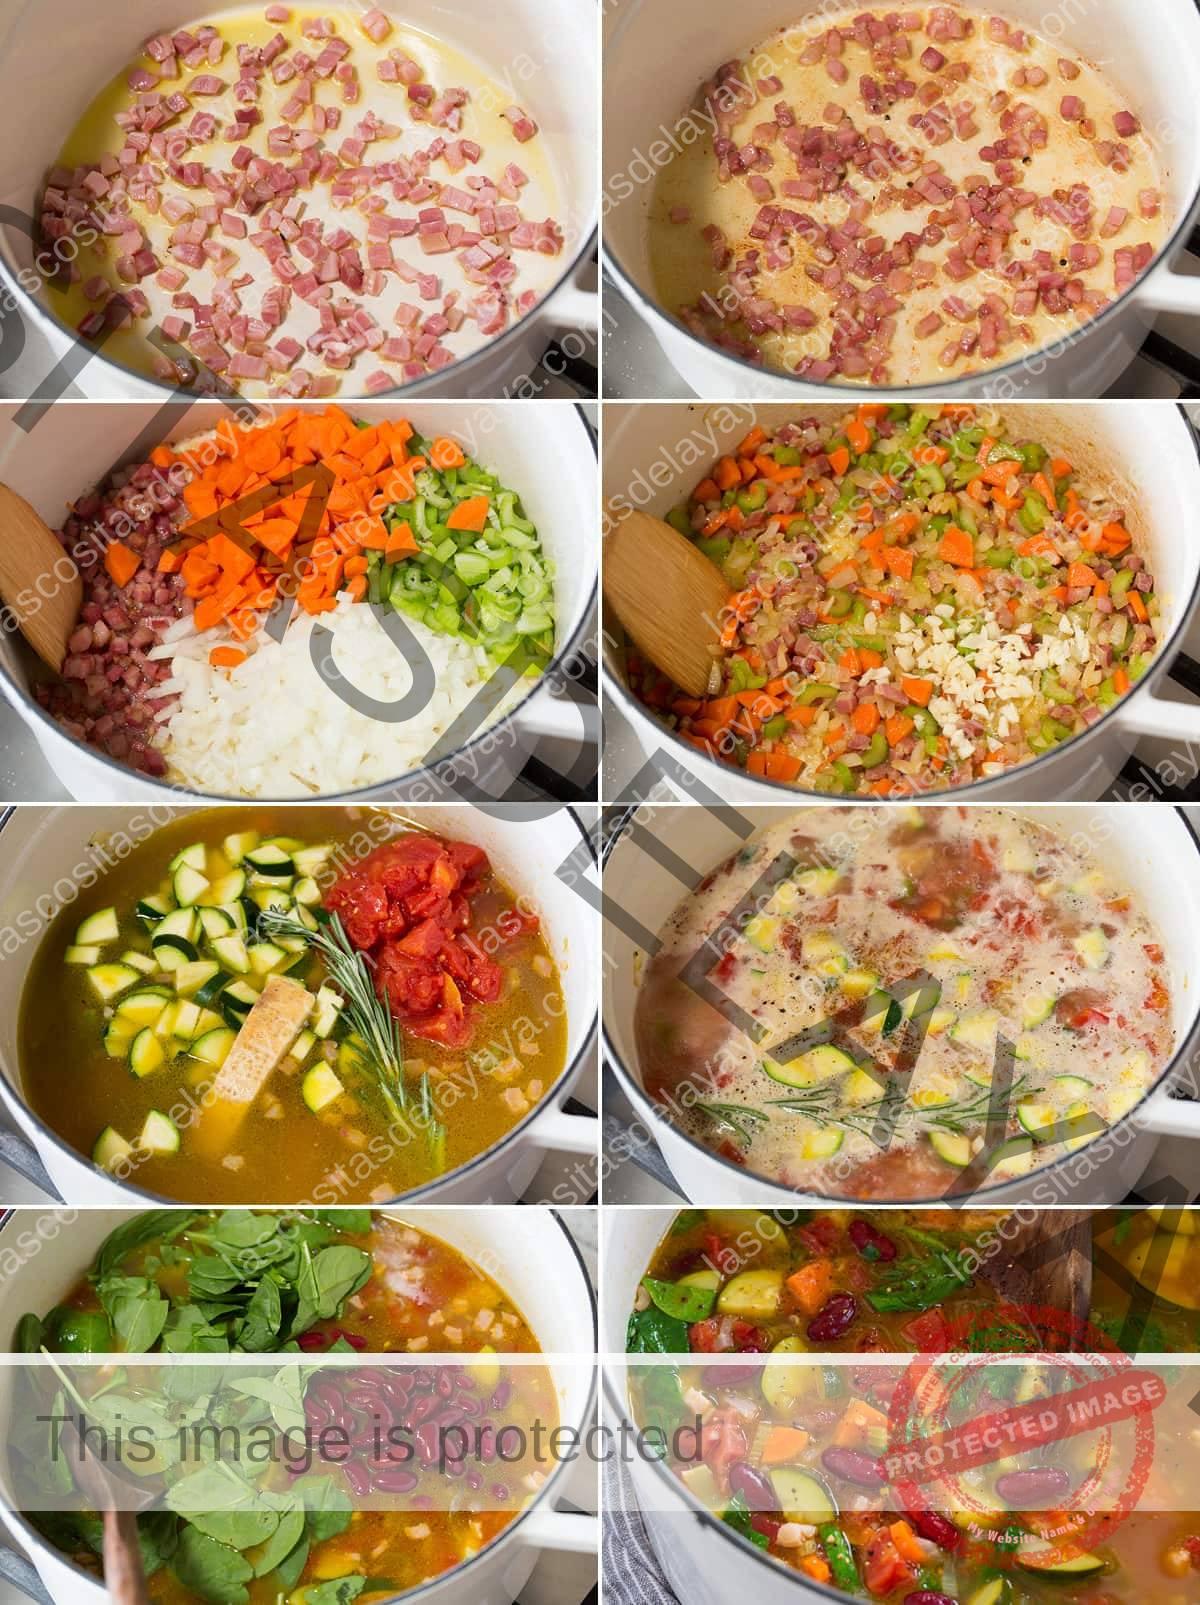 Collage de ocho imágenes que muestran los pasos para hacer sopa minestrone en una sartén sobre la estufa.